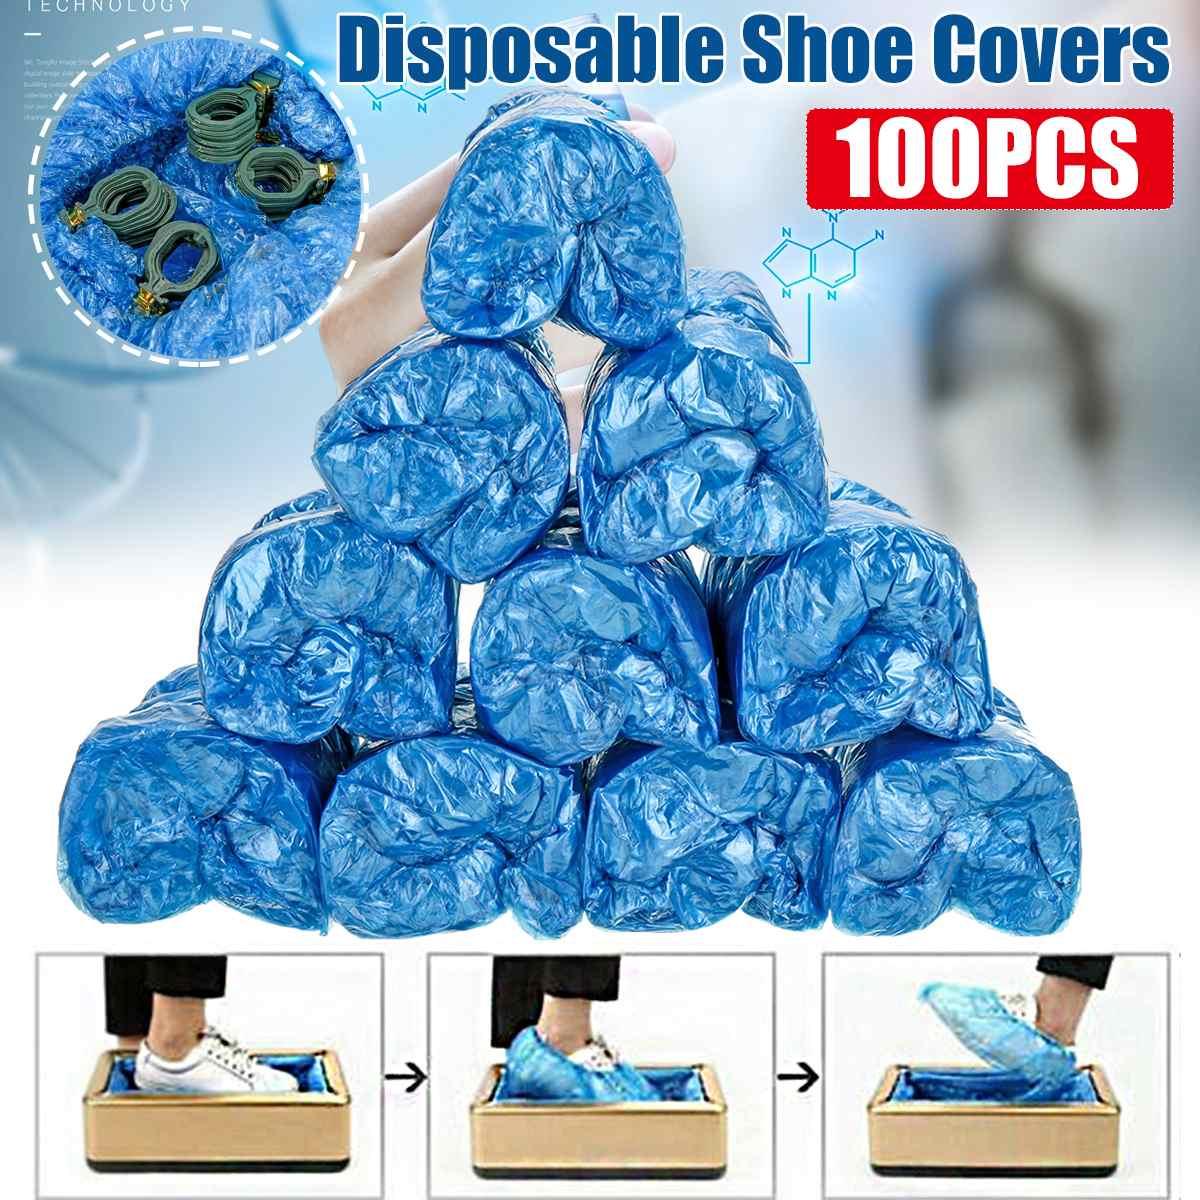 100Pcs Thickened Disposable Shoe Cover Plastic PE Waterproof Dustproof Home Office Indoor Outdoor Rainproof Shoe Booties Covers